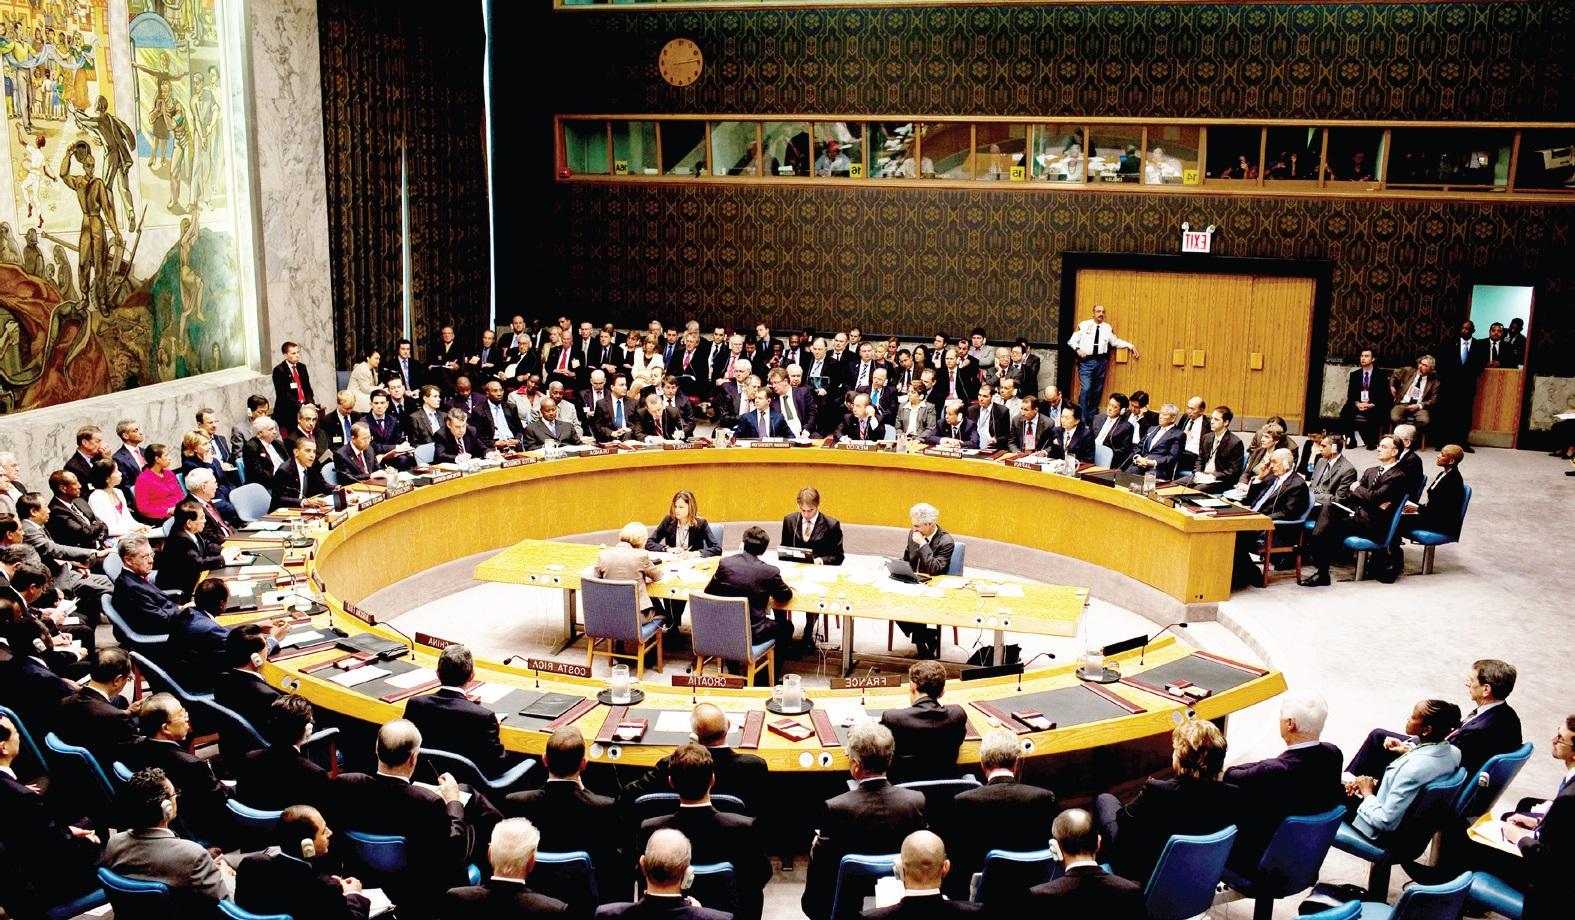 جلسة لمجلس الأمن حول قرارات الجامعة العربية بشأن ليبيا